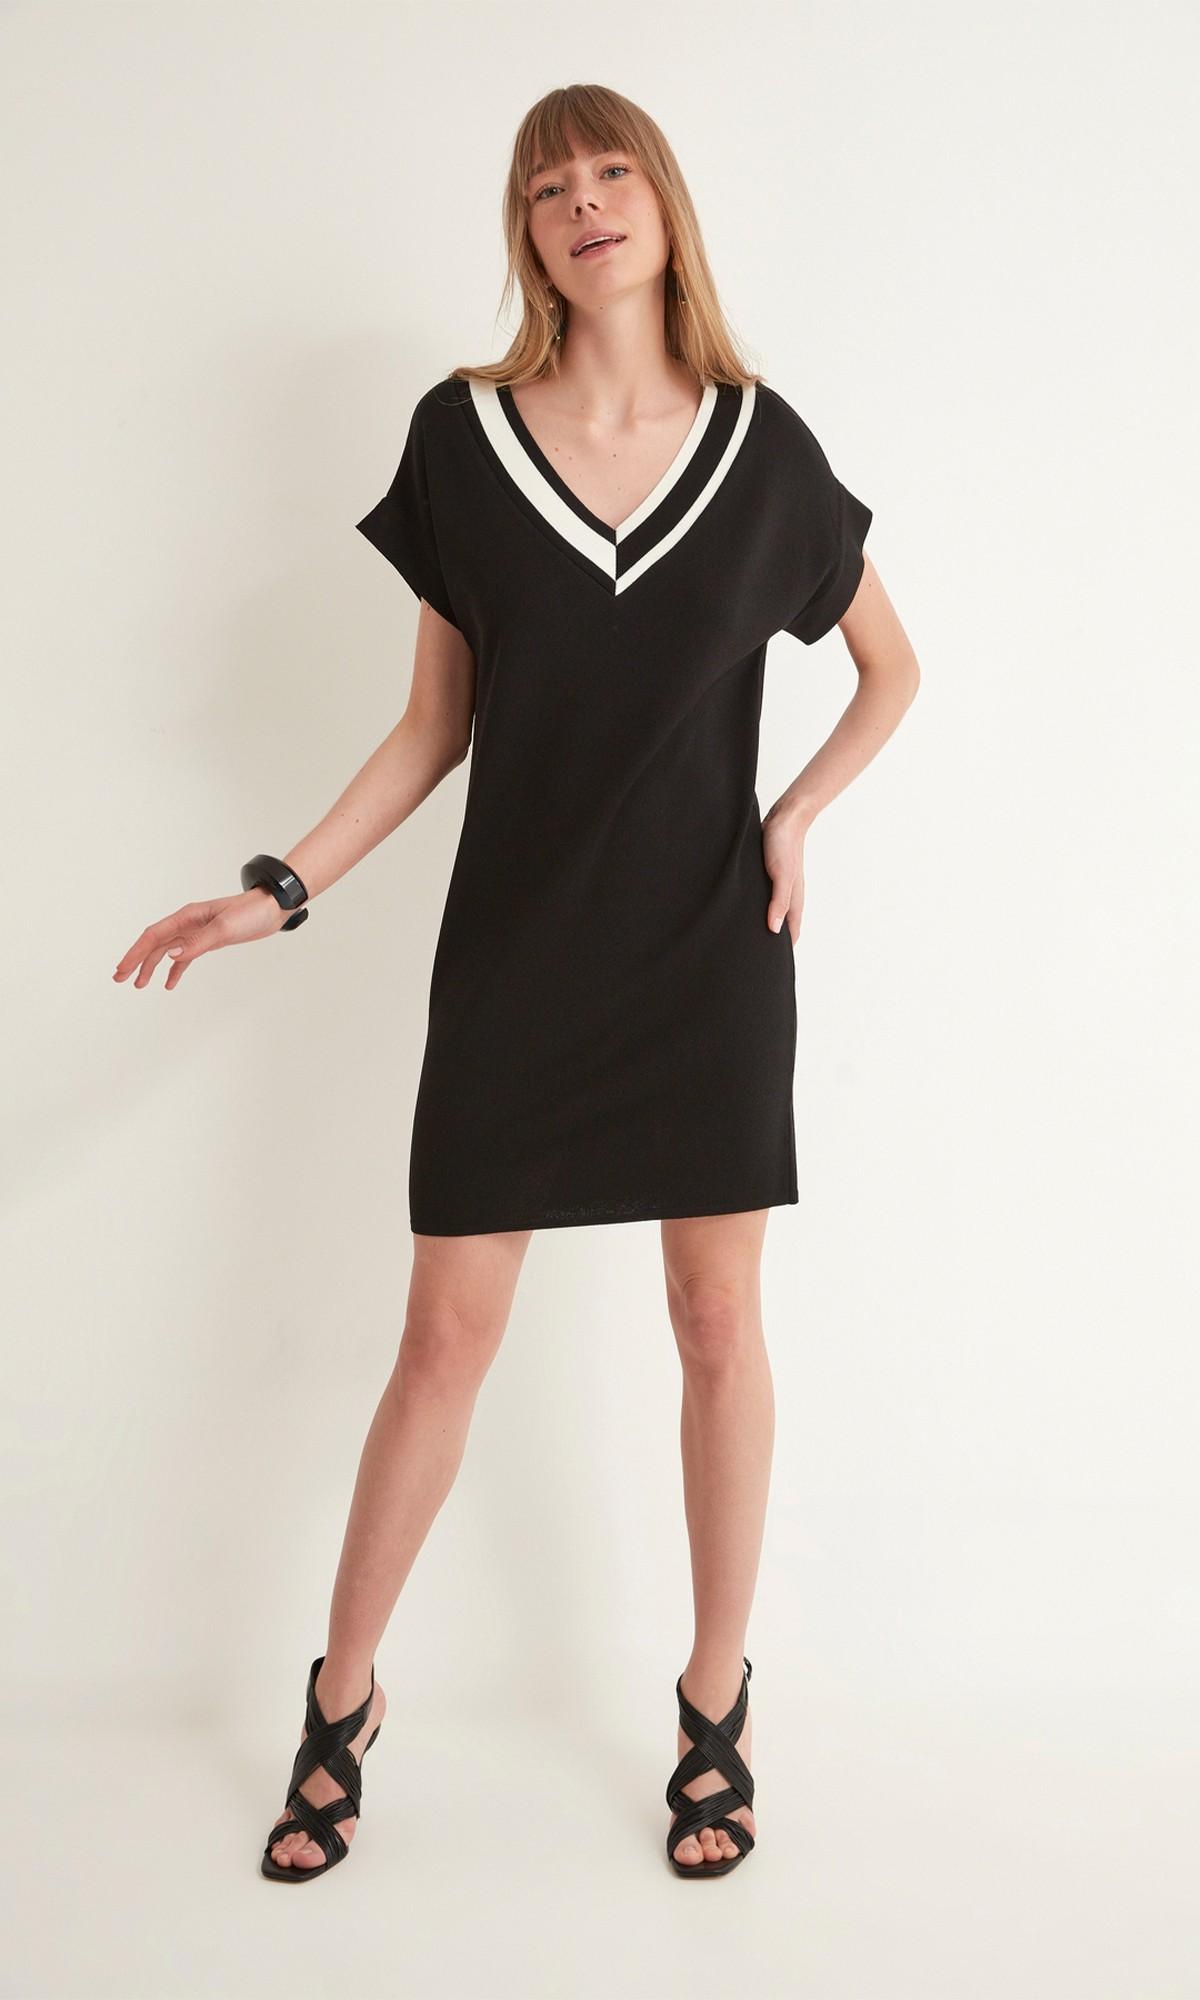 Sukienka dzianinowa mini w kolorze czarnym